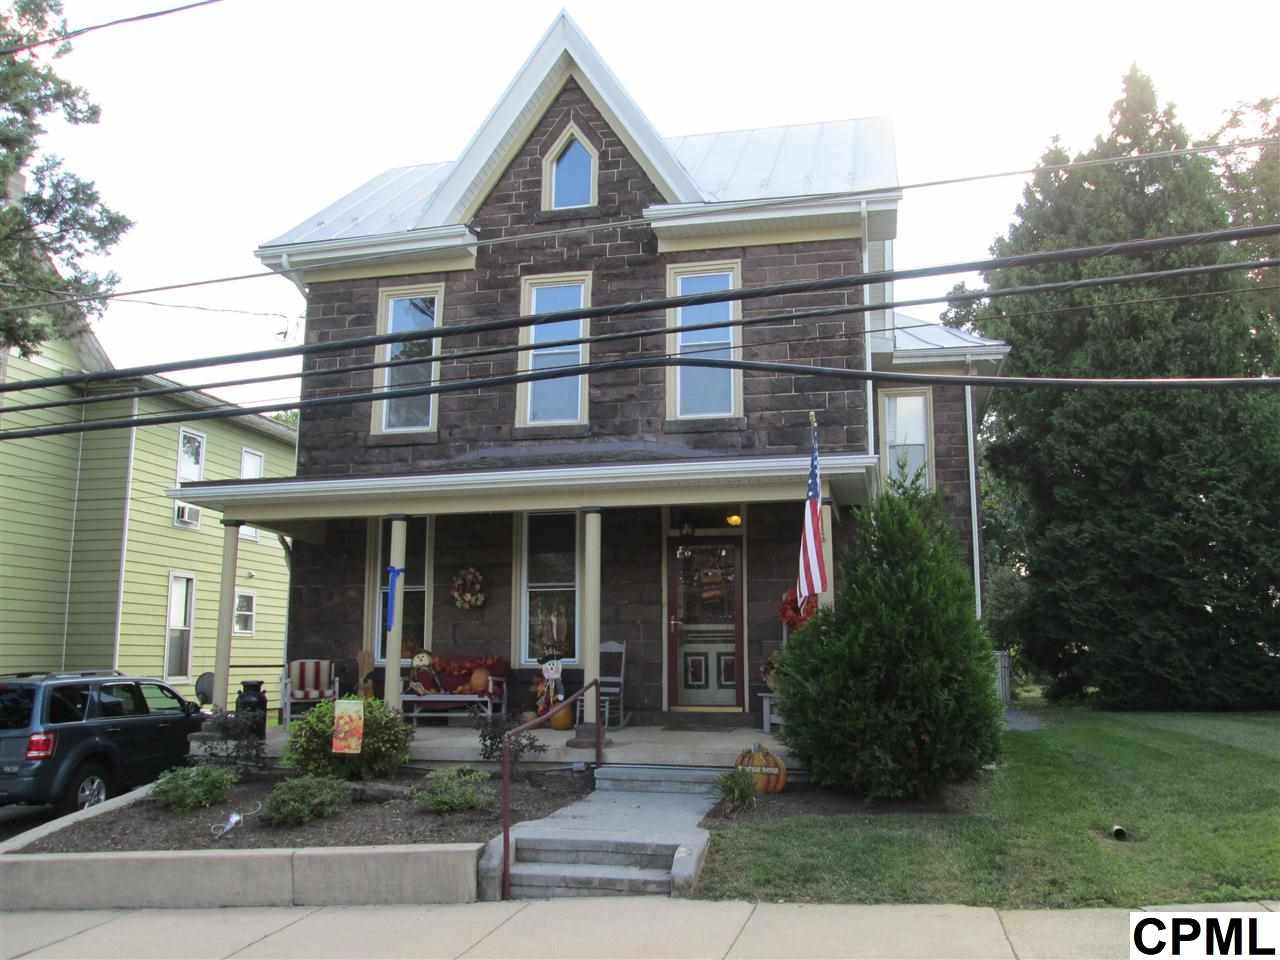 30 W Main St, Richland, PA 17087